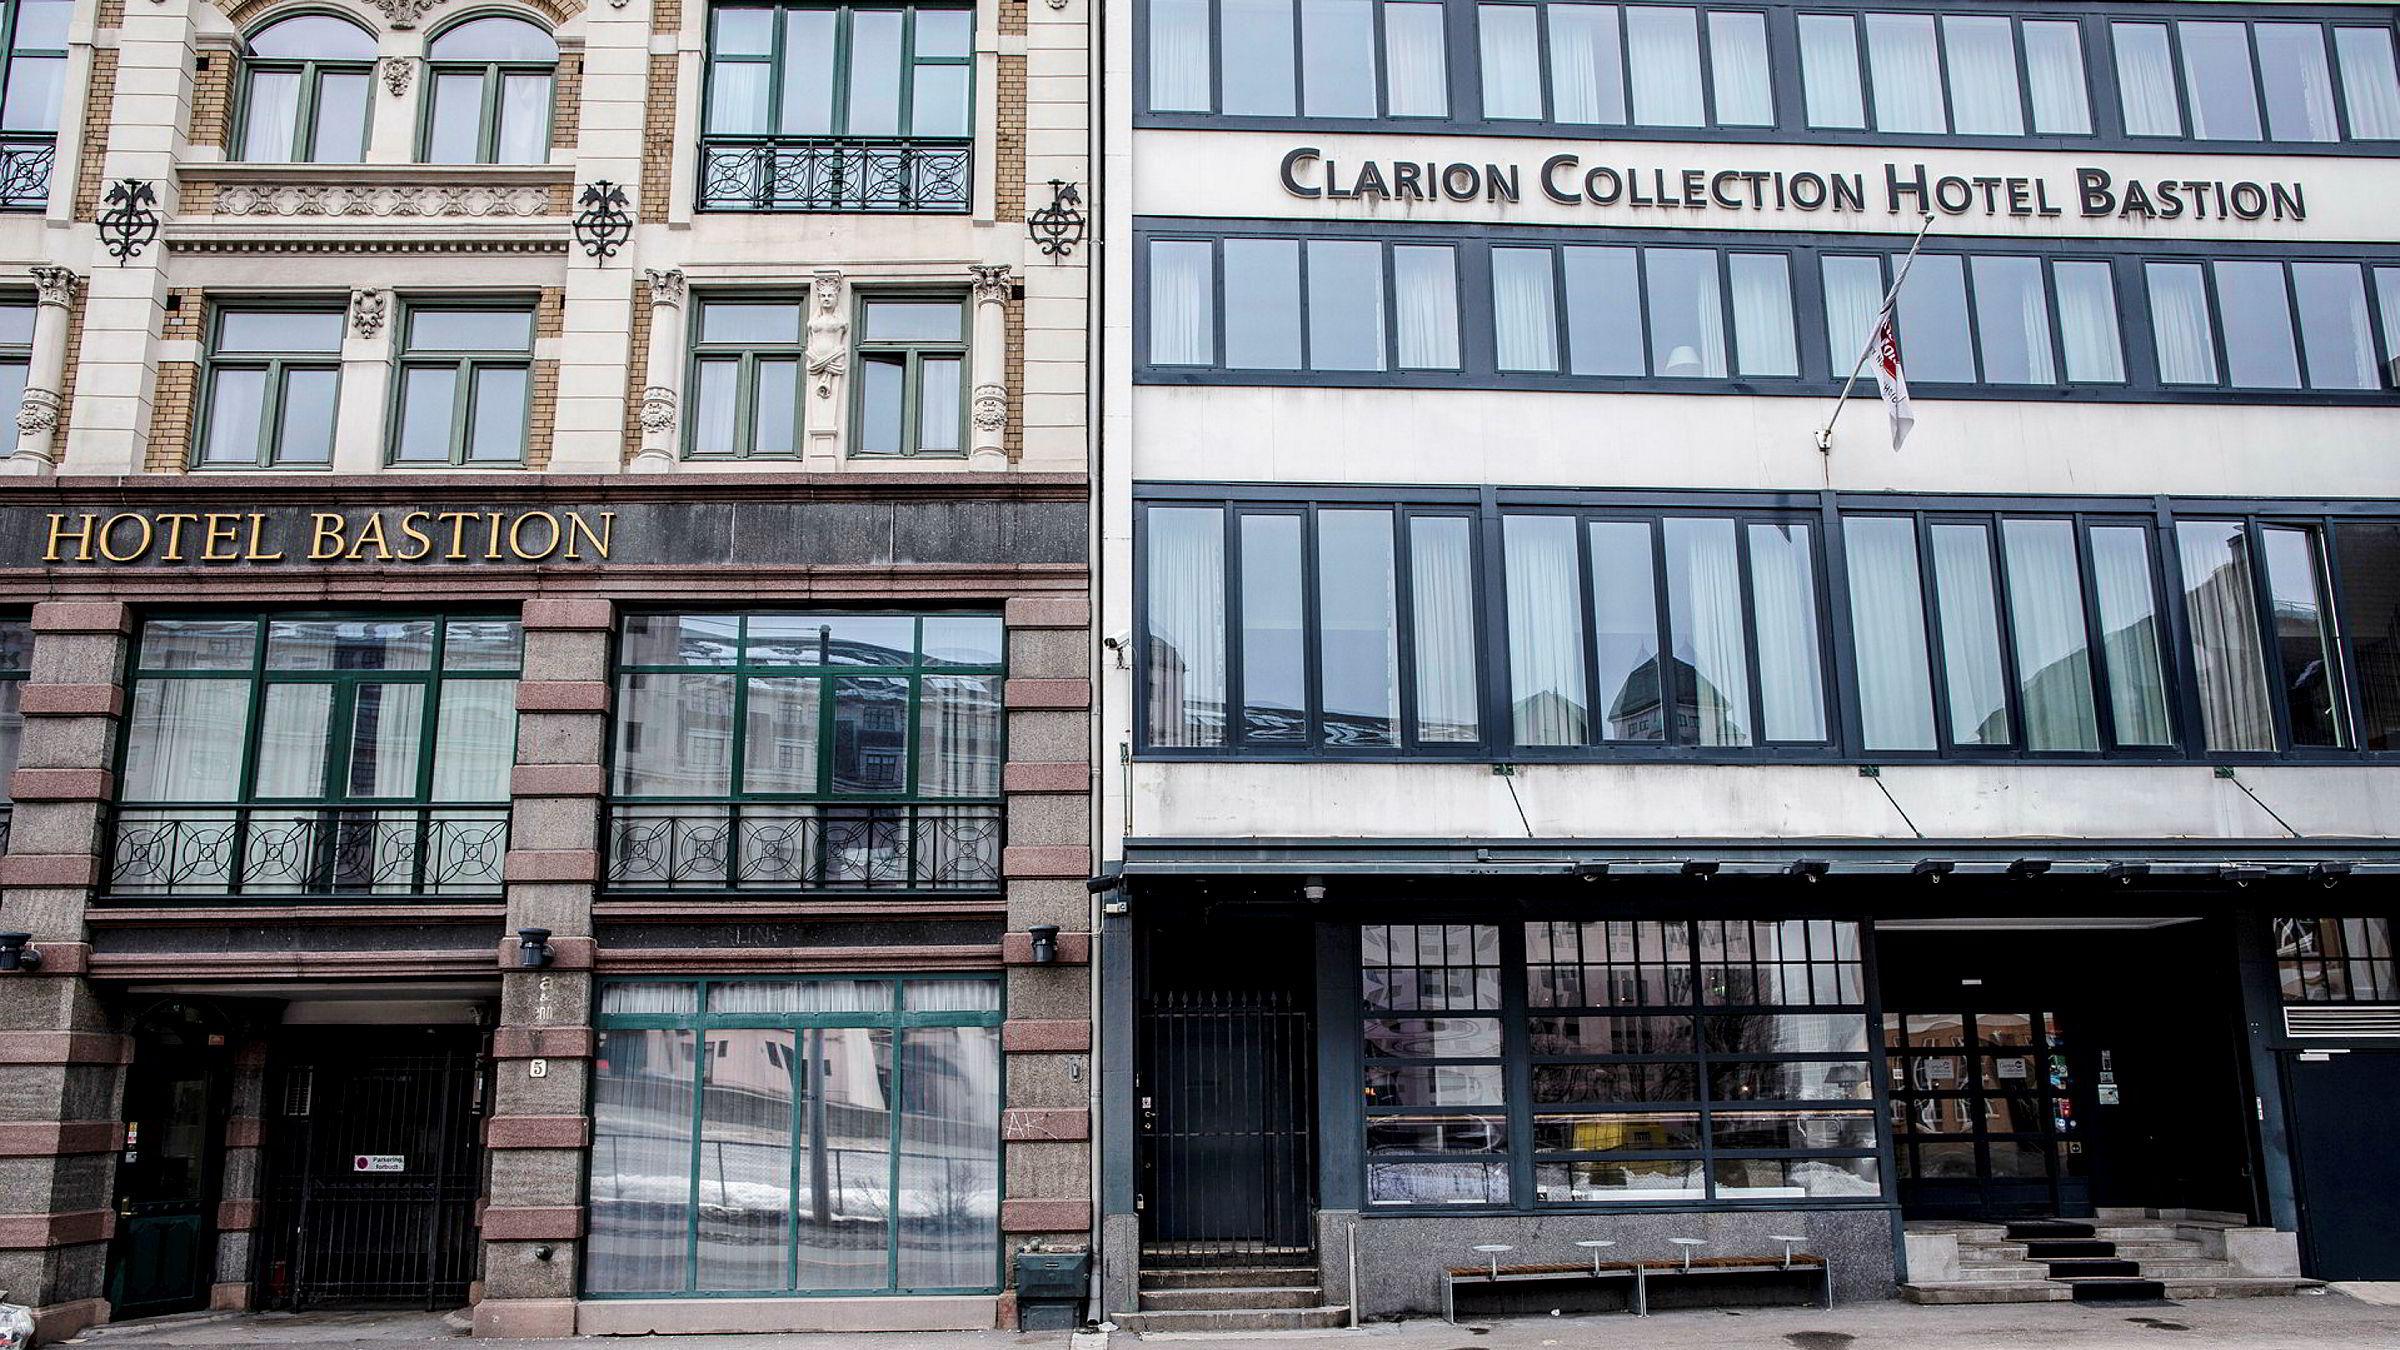 5880 kroner krever Clarion Collection Hotel Bastion, som ble slaktet i DNs hotelltest tidligere i år, om du trenger en seng natt til onsdag denne uken. Riktignok får du da en suite, men fulle hoteller gjør at prisene stiger til himmels i Oslo for den som er ute i siste liten.